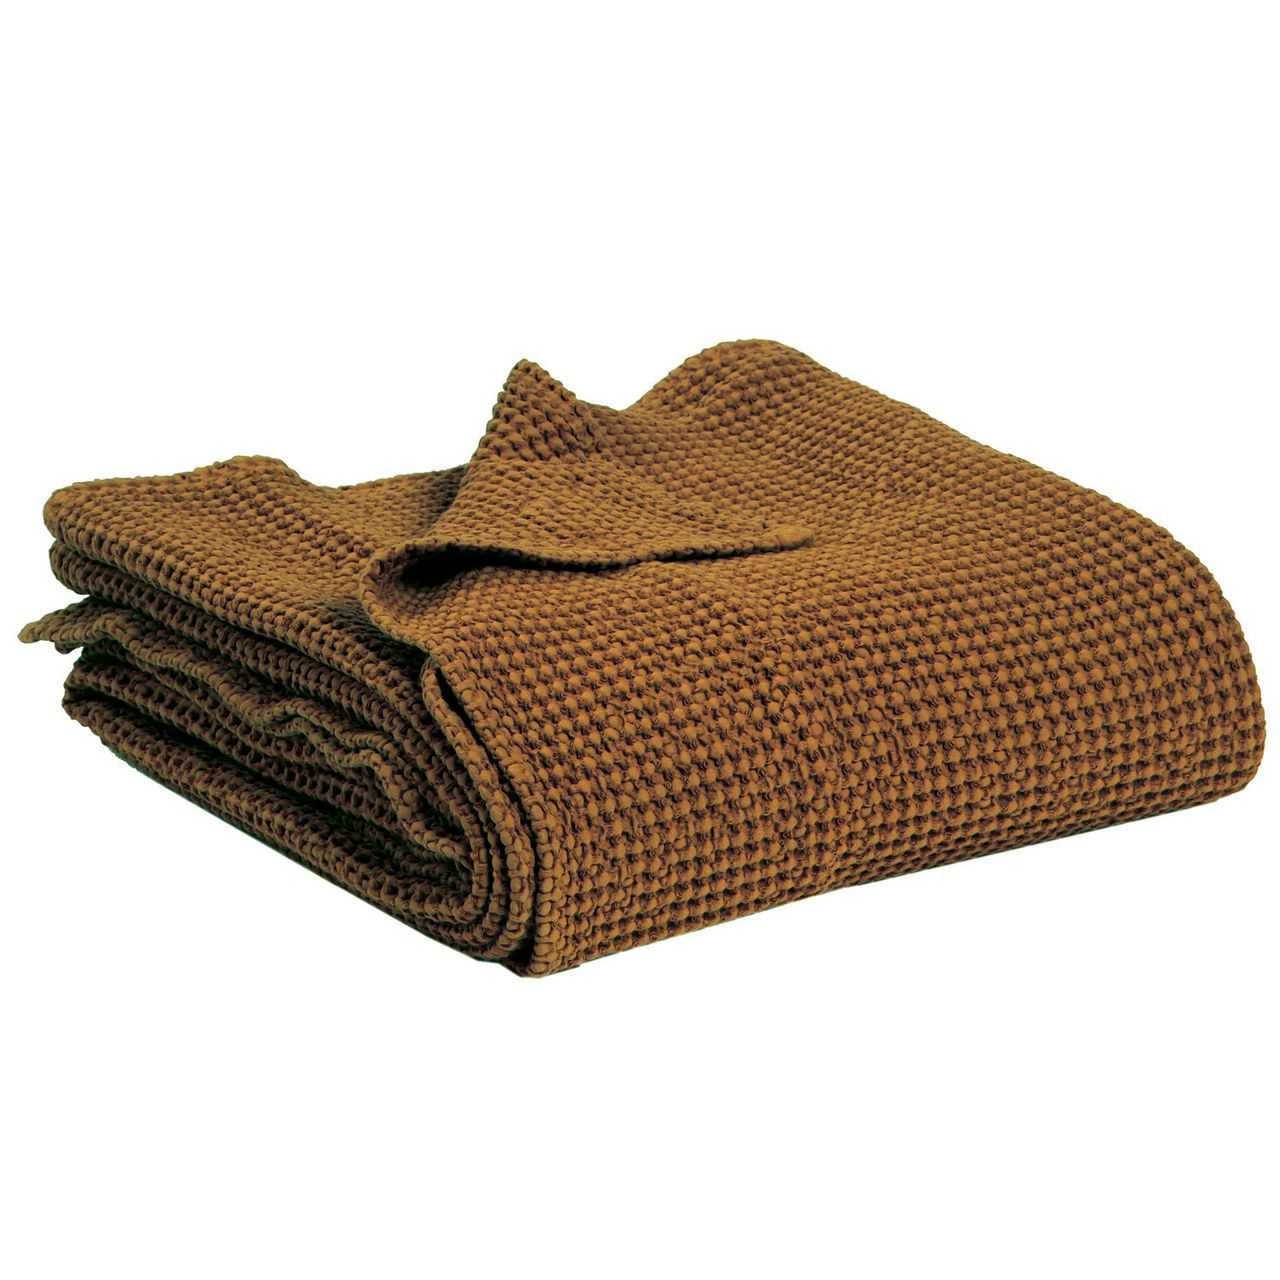 jet de lit maia havane coton 260x260 vivaraise. Black Bedroom Furniture Sets. Home Design Ideas